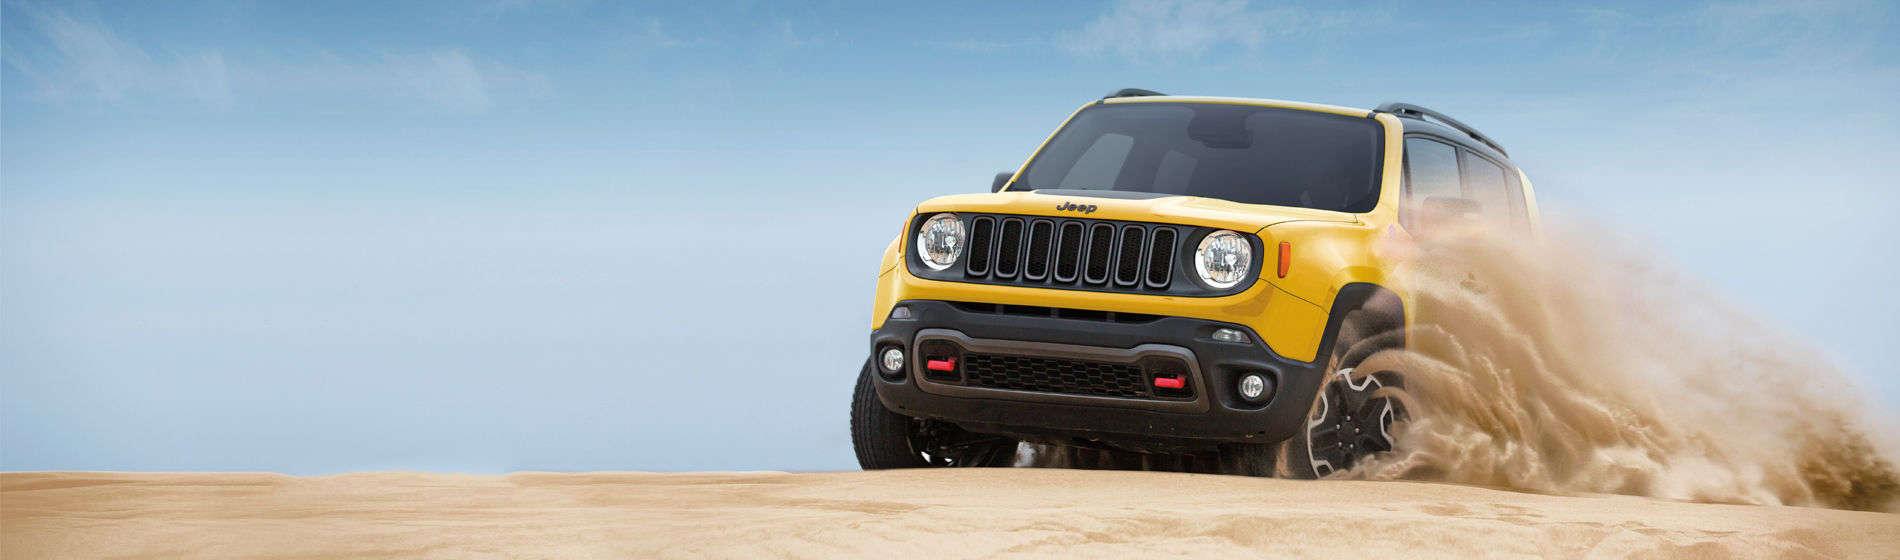 Find A Chrysler Dodge Or Jeep Dealer Official Site Of